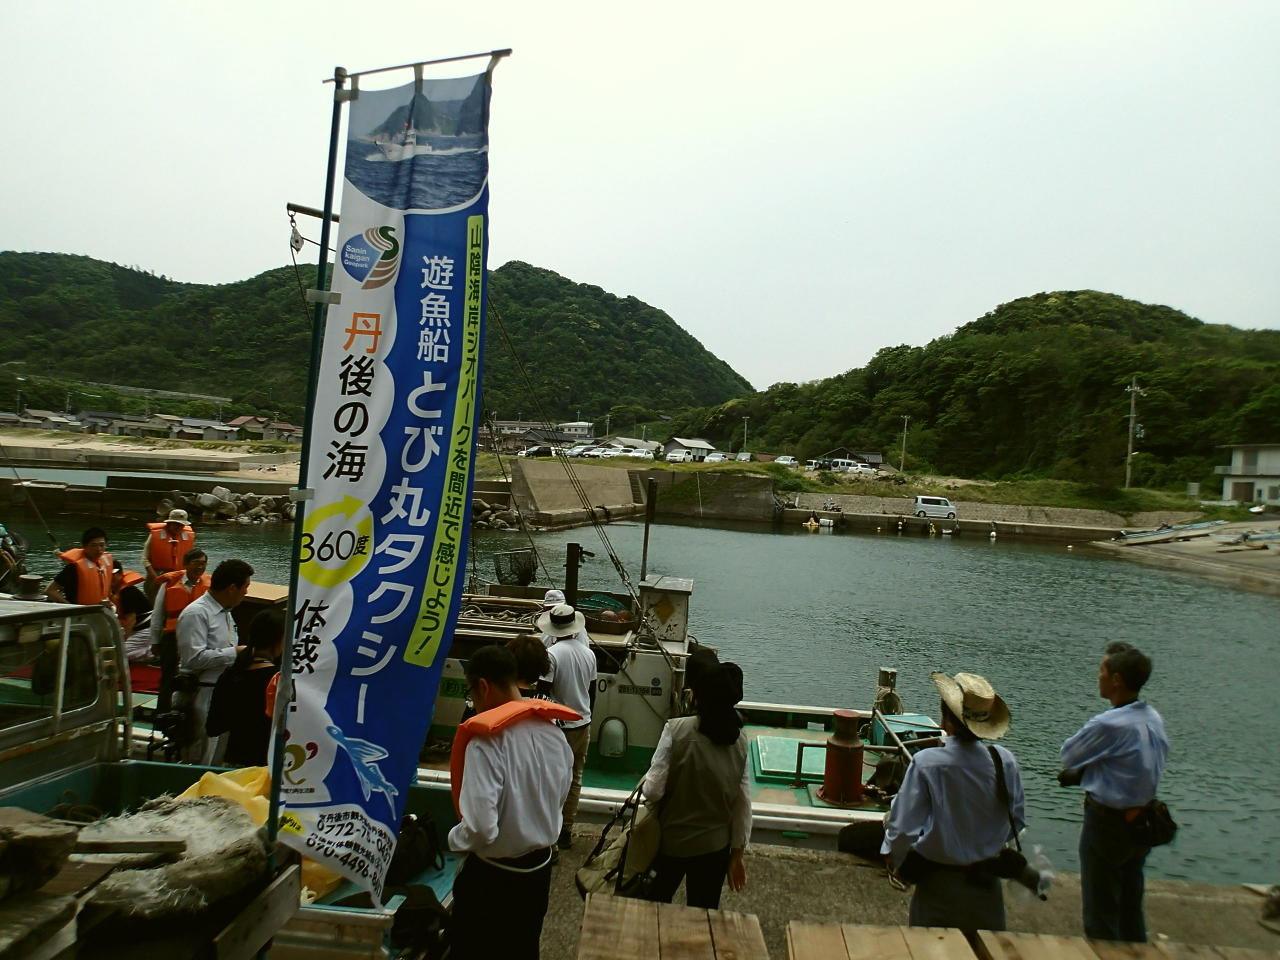 京丹後の遊覧船「とび丸タクシー」に乗って来ました♪